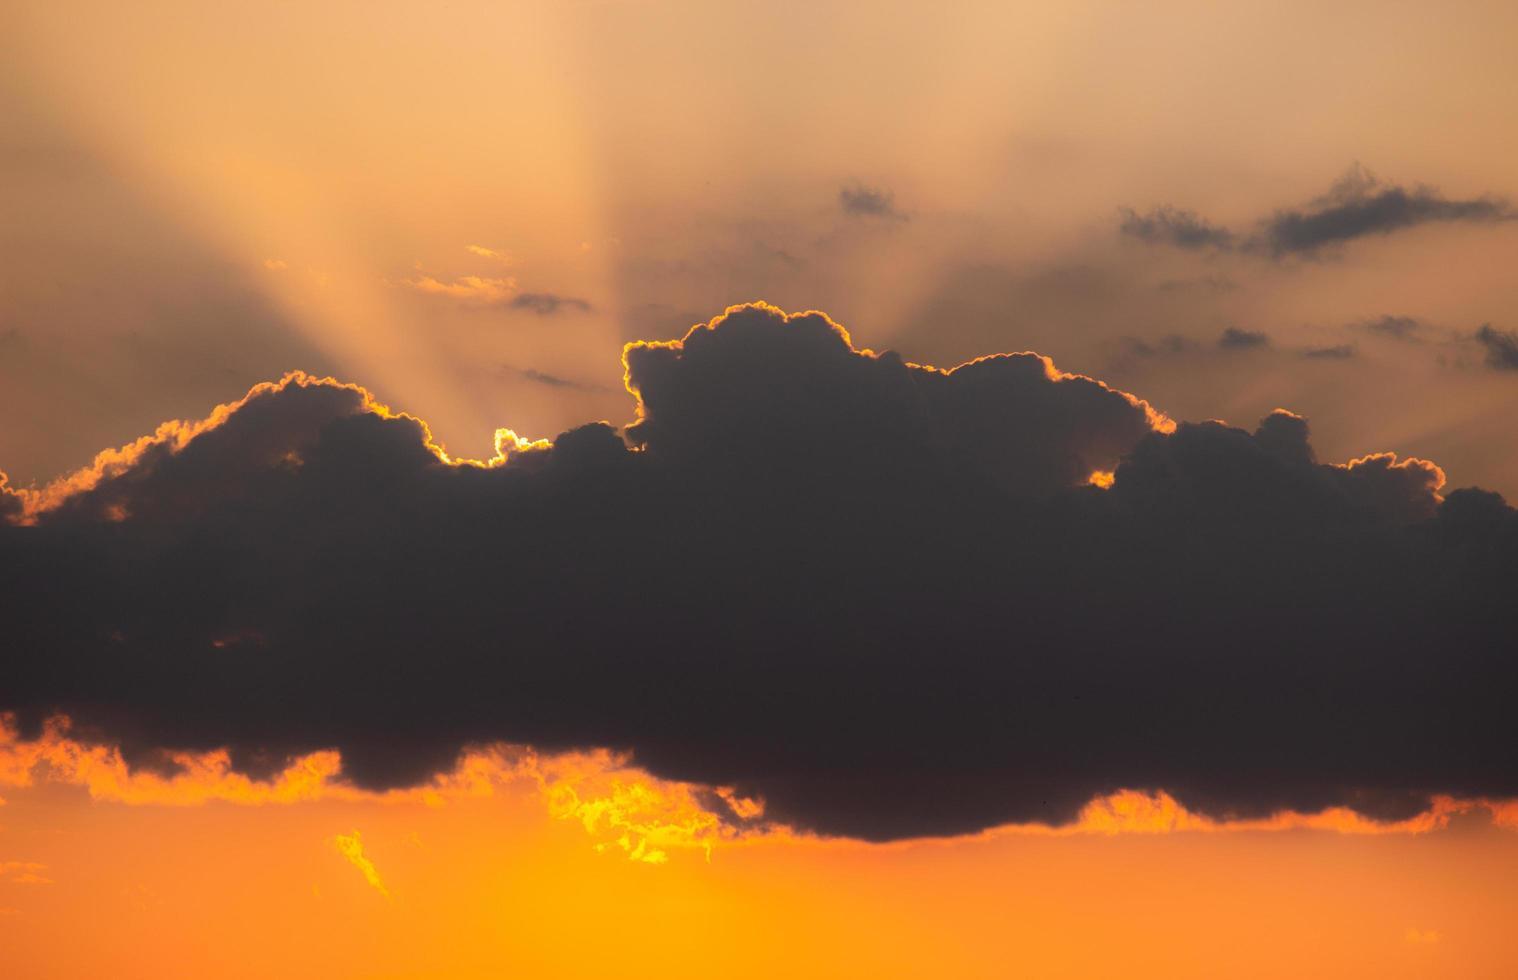 wolk voor zon bij zonsondergang foto